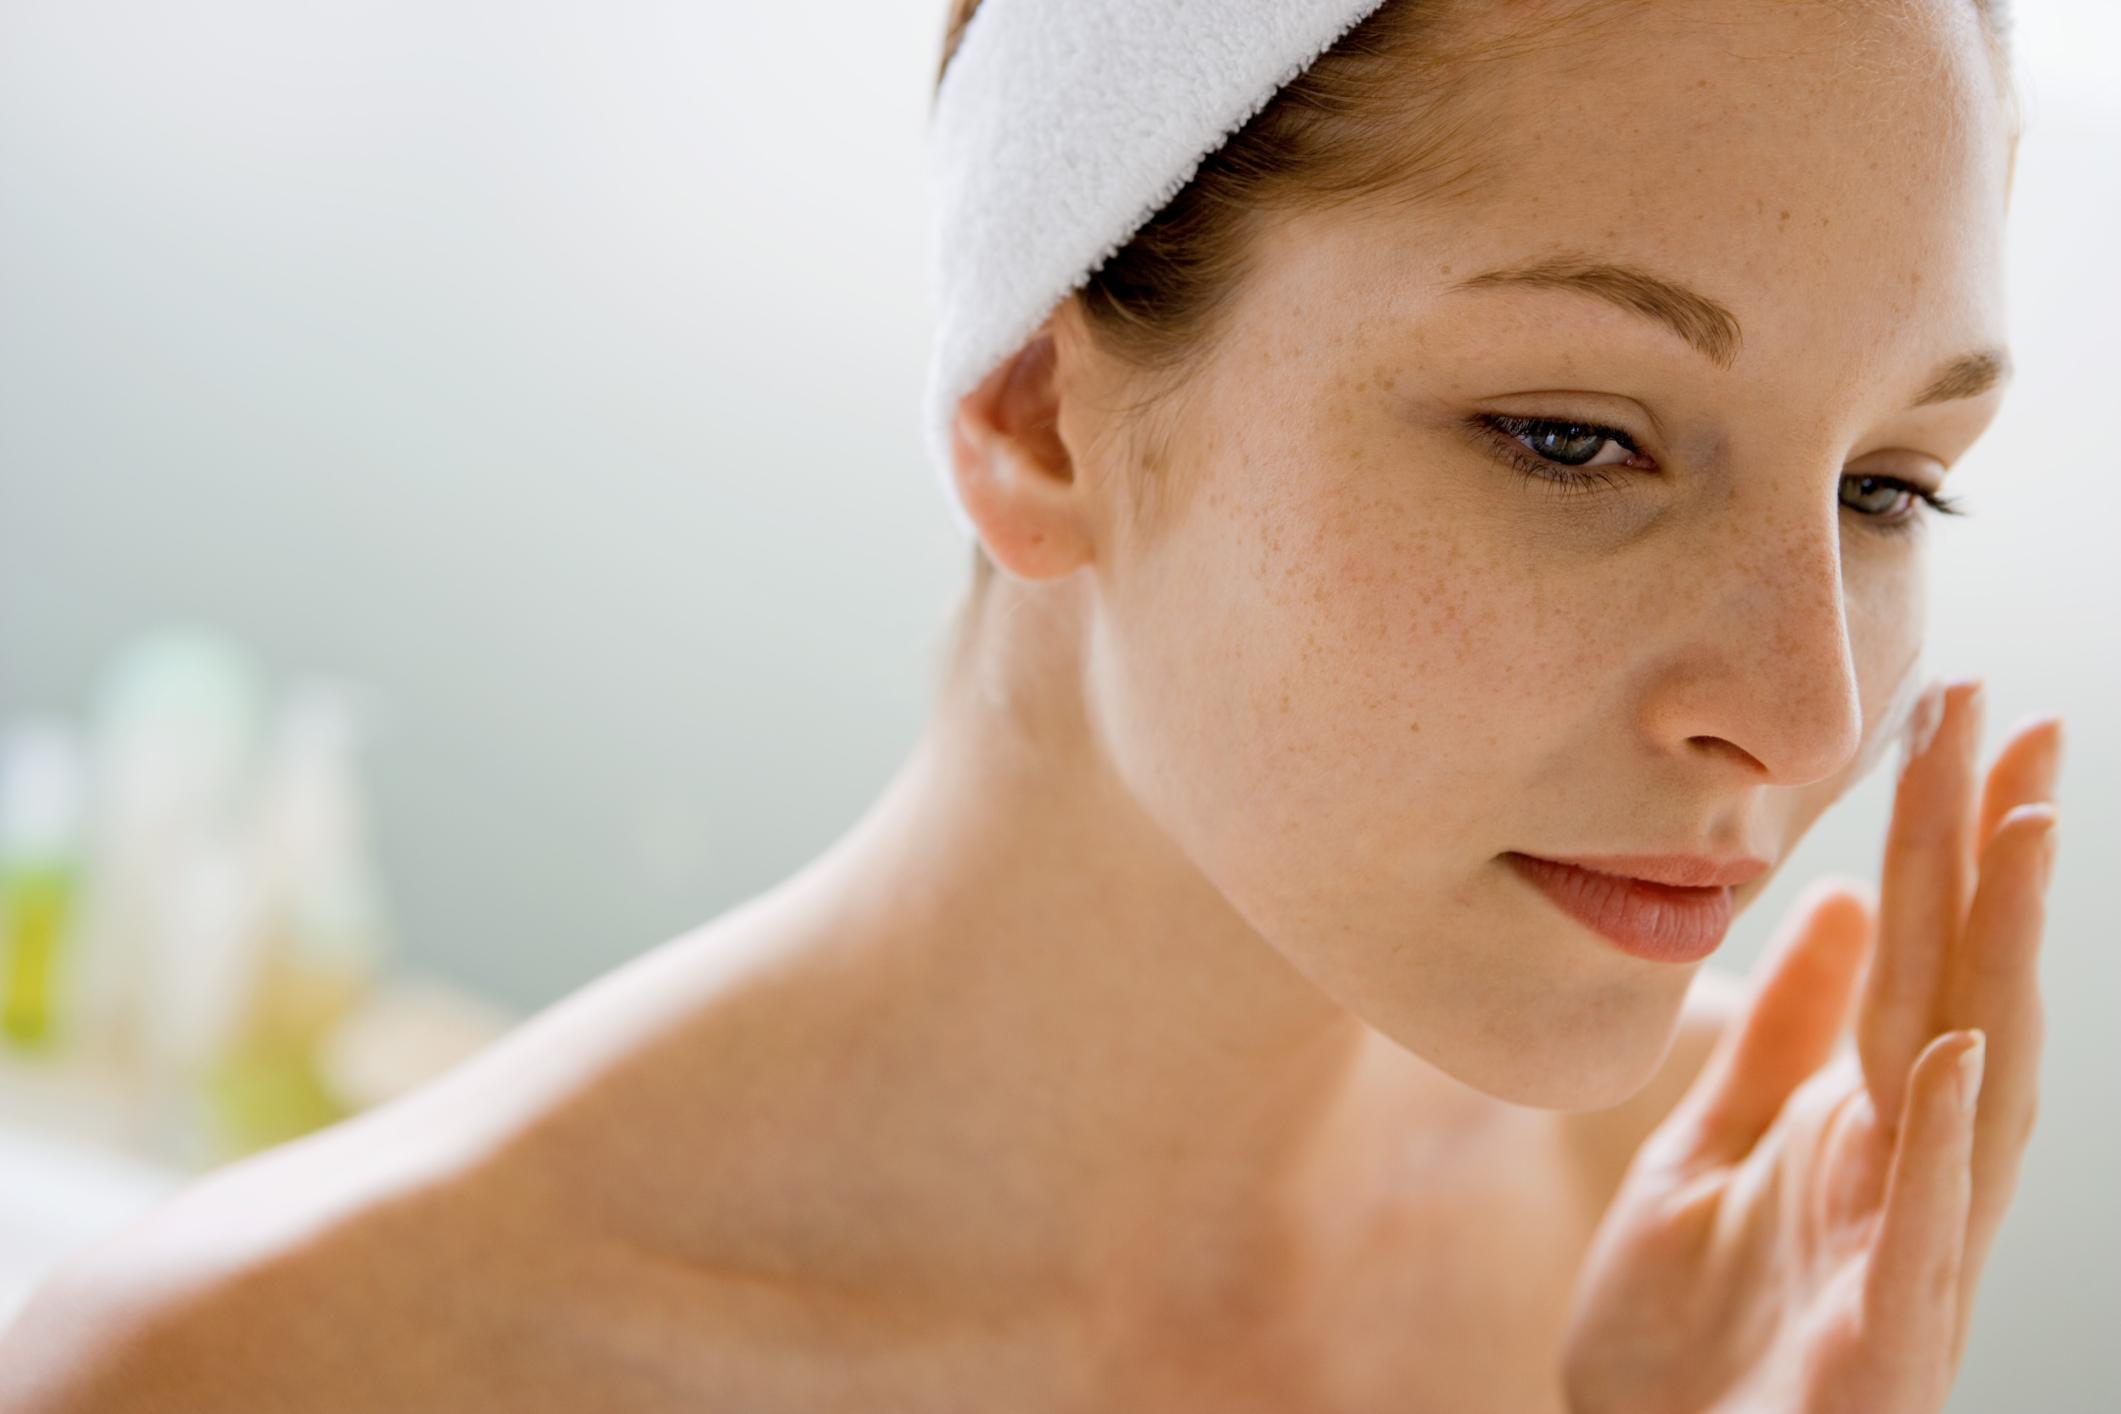 保濕噴霧的必要性: 炎炎夏日裡,高溫與紫外線的關係,會使皮膚更加乾燥,分泌更多皮脂。因此,就算是夏天,也要非常注重保濕唷!